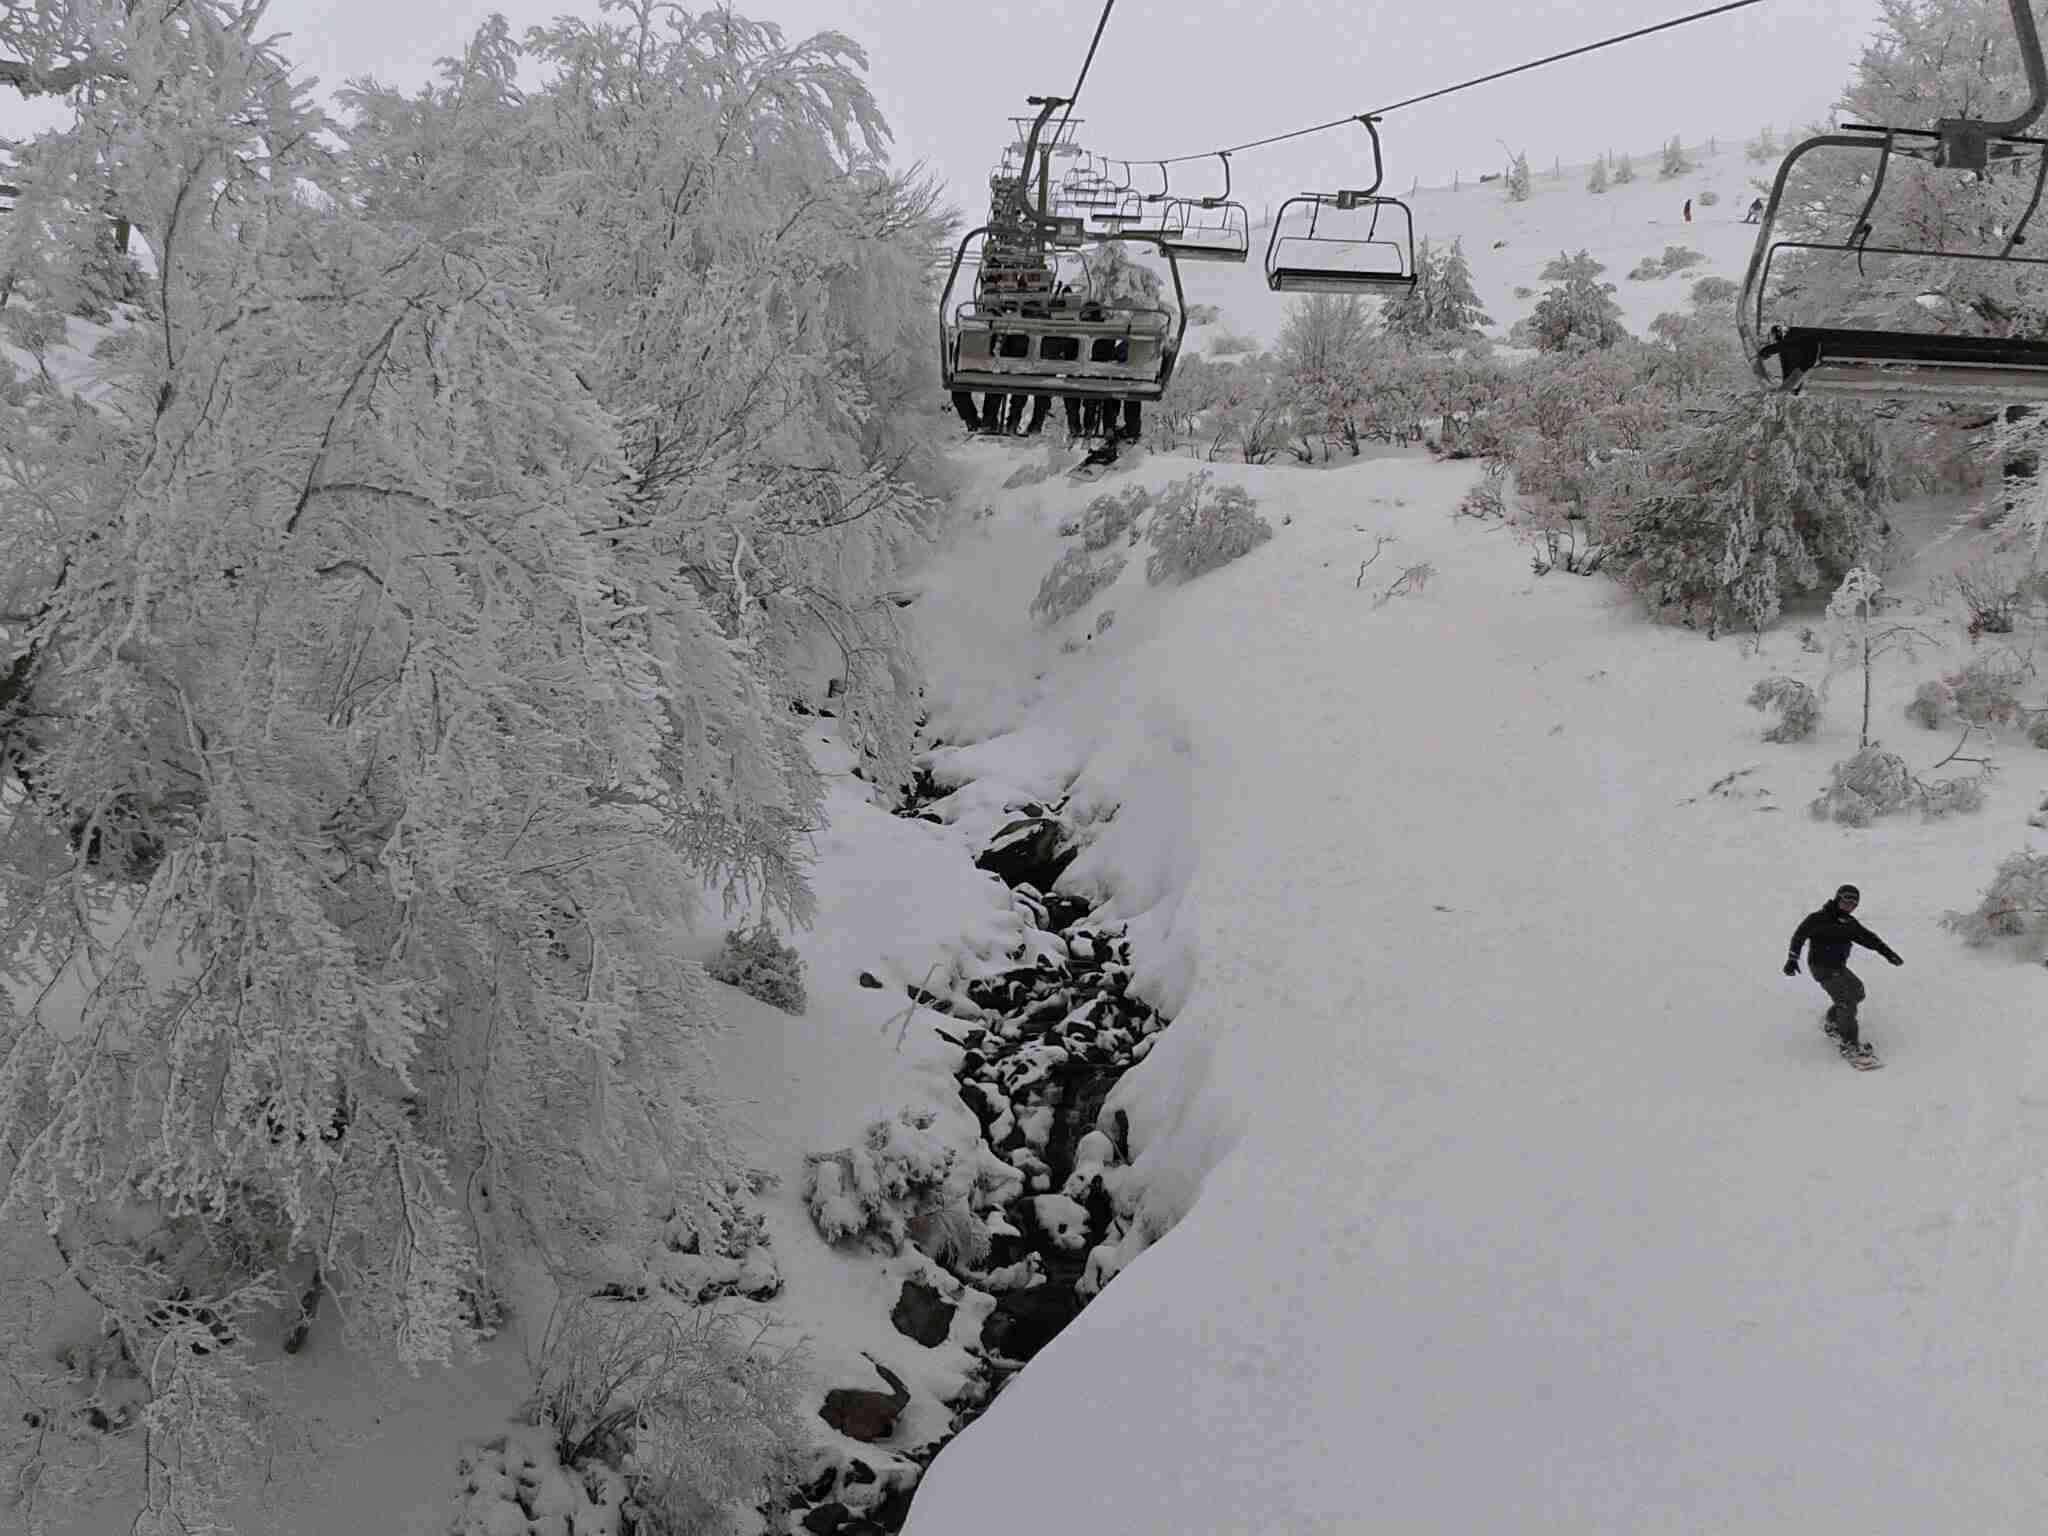 Skiing in La Rioja, Spain